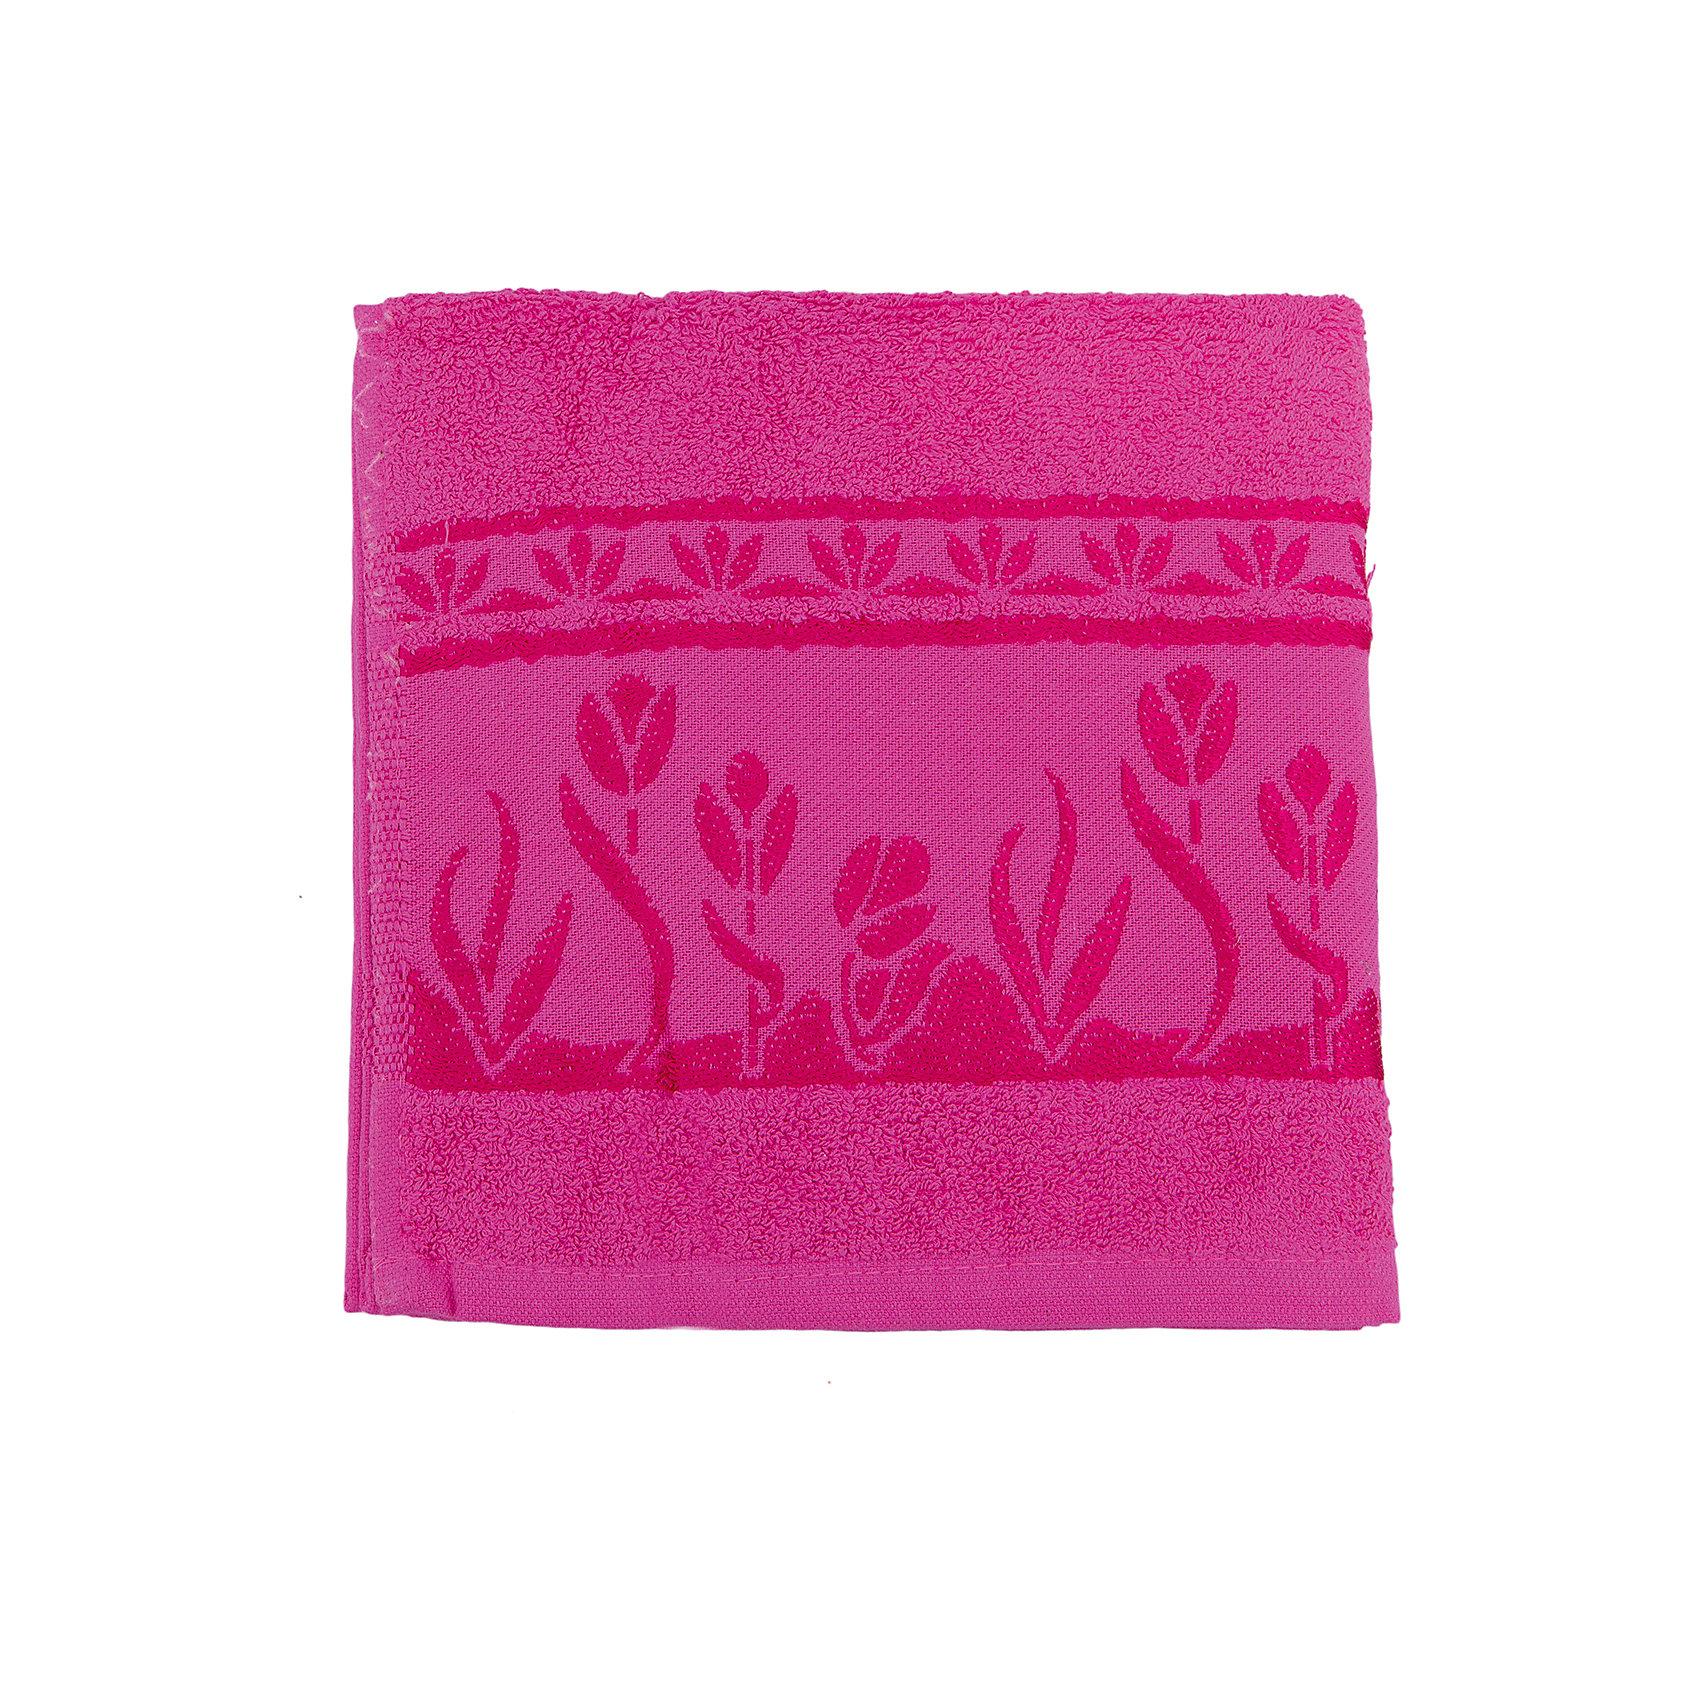 Полотенце махровое Tulips 50*100, Португалия, ярко-розовыйВанная комната<br>Tulips - махровое полотенце из натурального качественного хлопка. Она хорошо впитает влагу и подарит вам ощущение мягкости после водных процедур. Полотенце износостойкое и хорошо сохраняет цвет. Украшено жаккардовым узором. <br><br>Дополнительная информация:<br>Материал: 100% хлопок<br>Плотность: 500 г/м2<br>Размер: 50х100 см<br>Цвет: ярко-розовый<br>Торговая марка: Португалия<br><br>Вы можете приобрести махровое полотенце Tulips  в нашем интернет-магазине.<br><br>Ширина мм: 500<br>Глубина мм: 500<br>Высота мм: 200<br>Вес г: 350<br>Возраст от месяцев: 0<br>Возраст до месяцев: 144<br>Пол: Унисекс<br>Возраст: Детский<br>SKU: 5010949